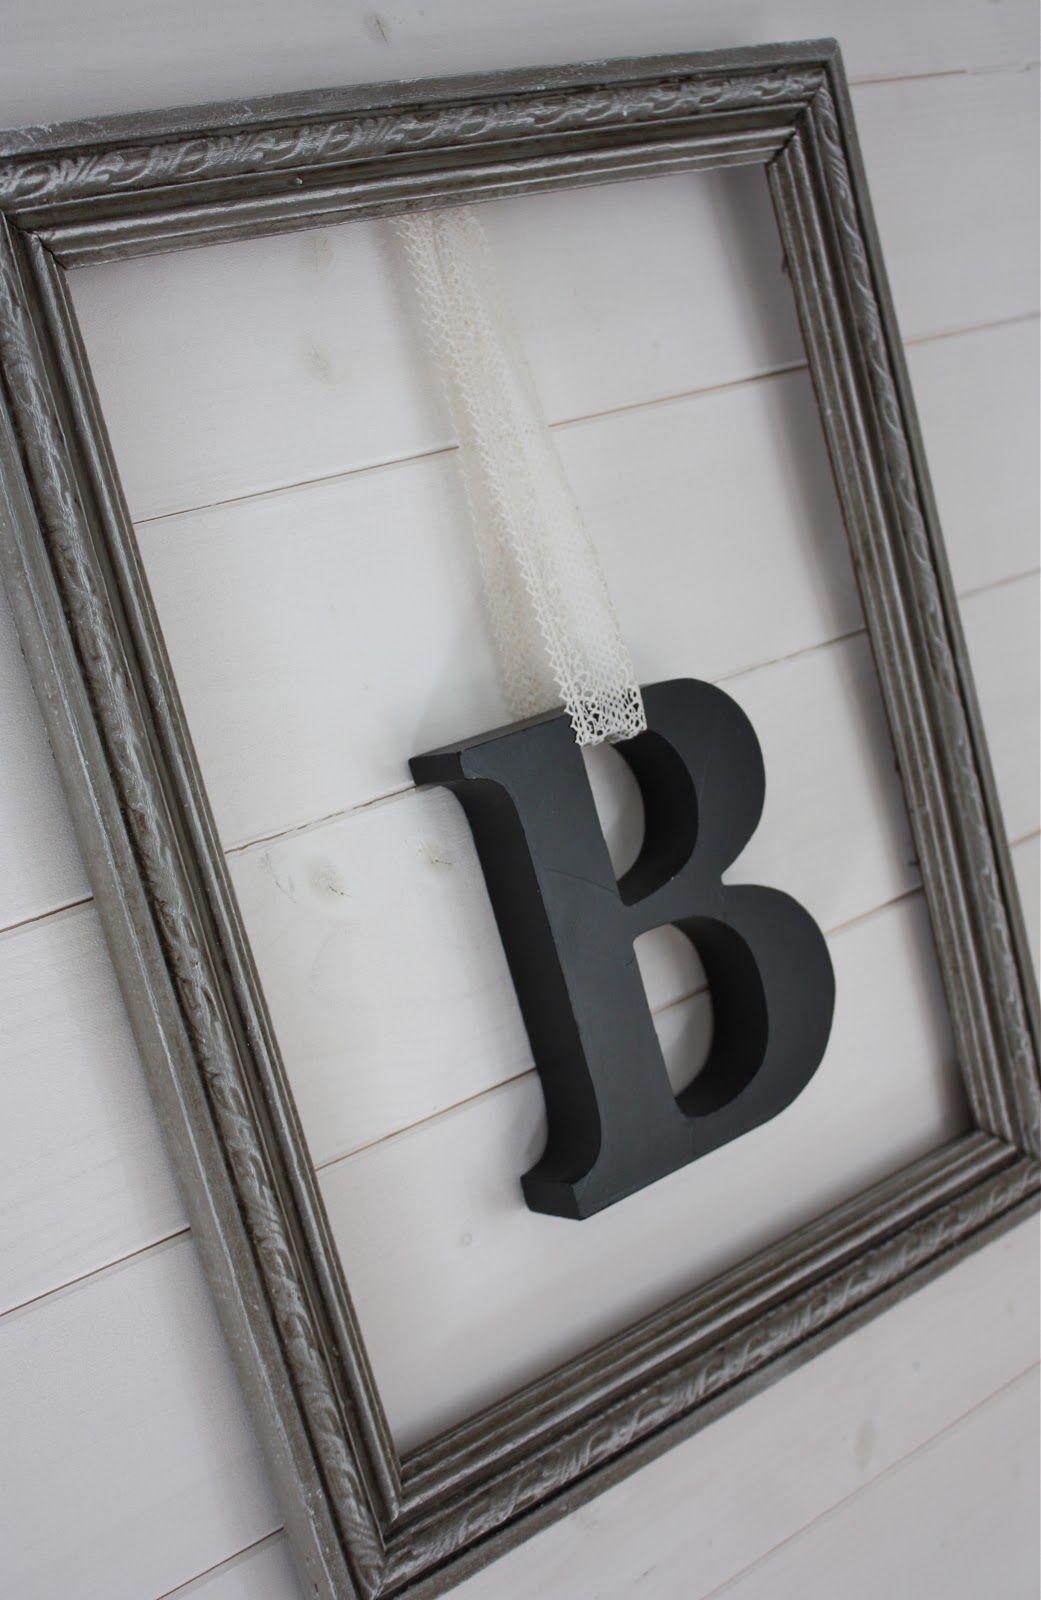 B Suspendu Dans Cadre Dentelle Ancienne Diy Decoration Chambre Conseil Deco Et Deco